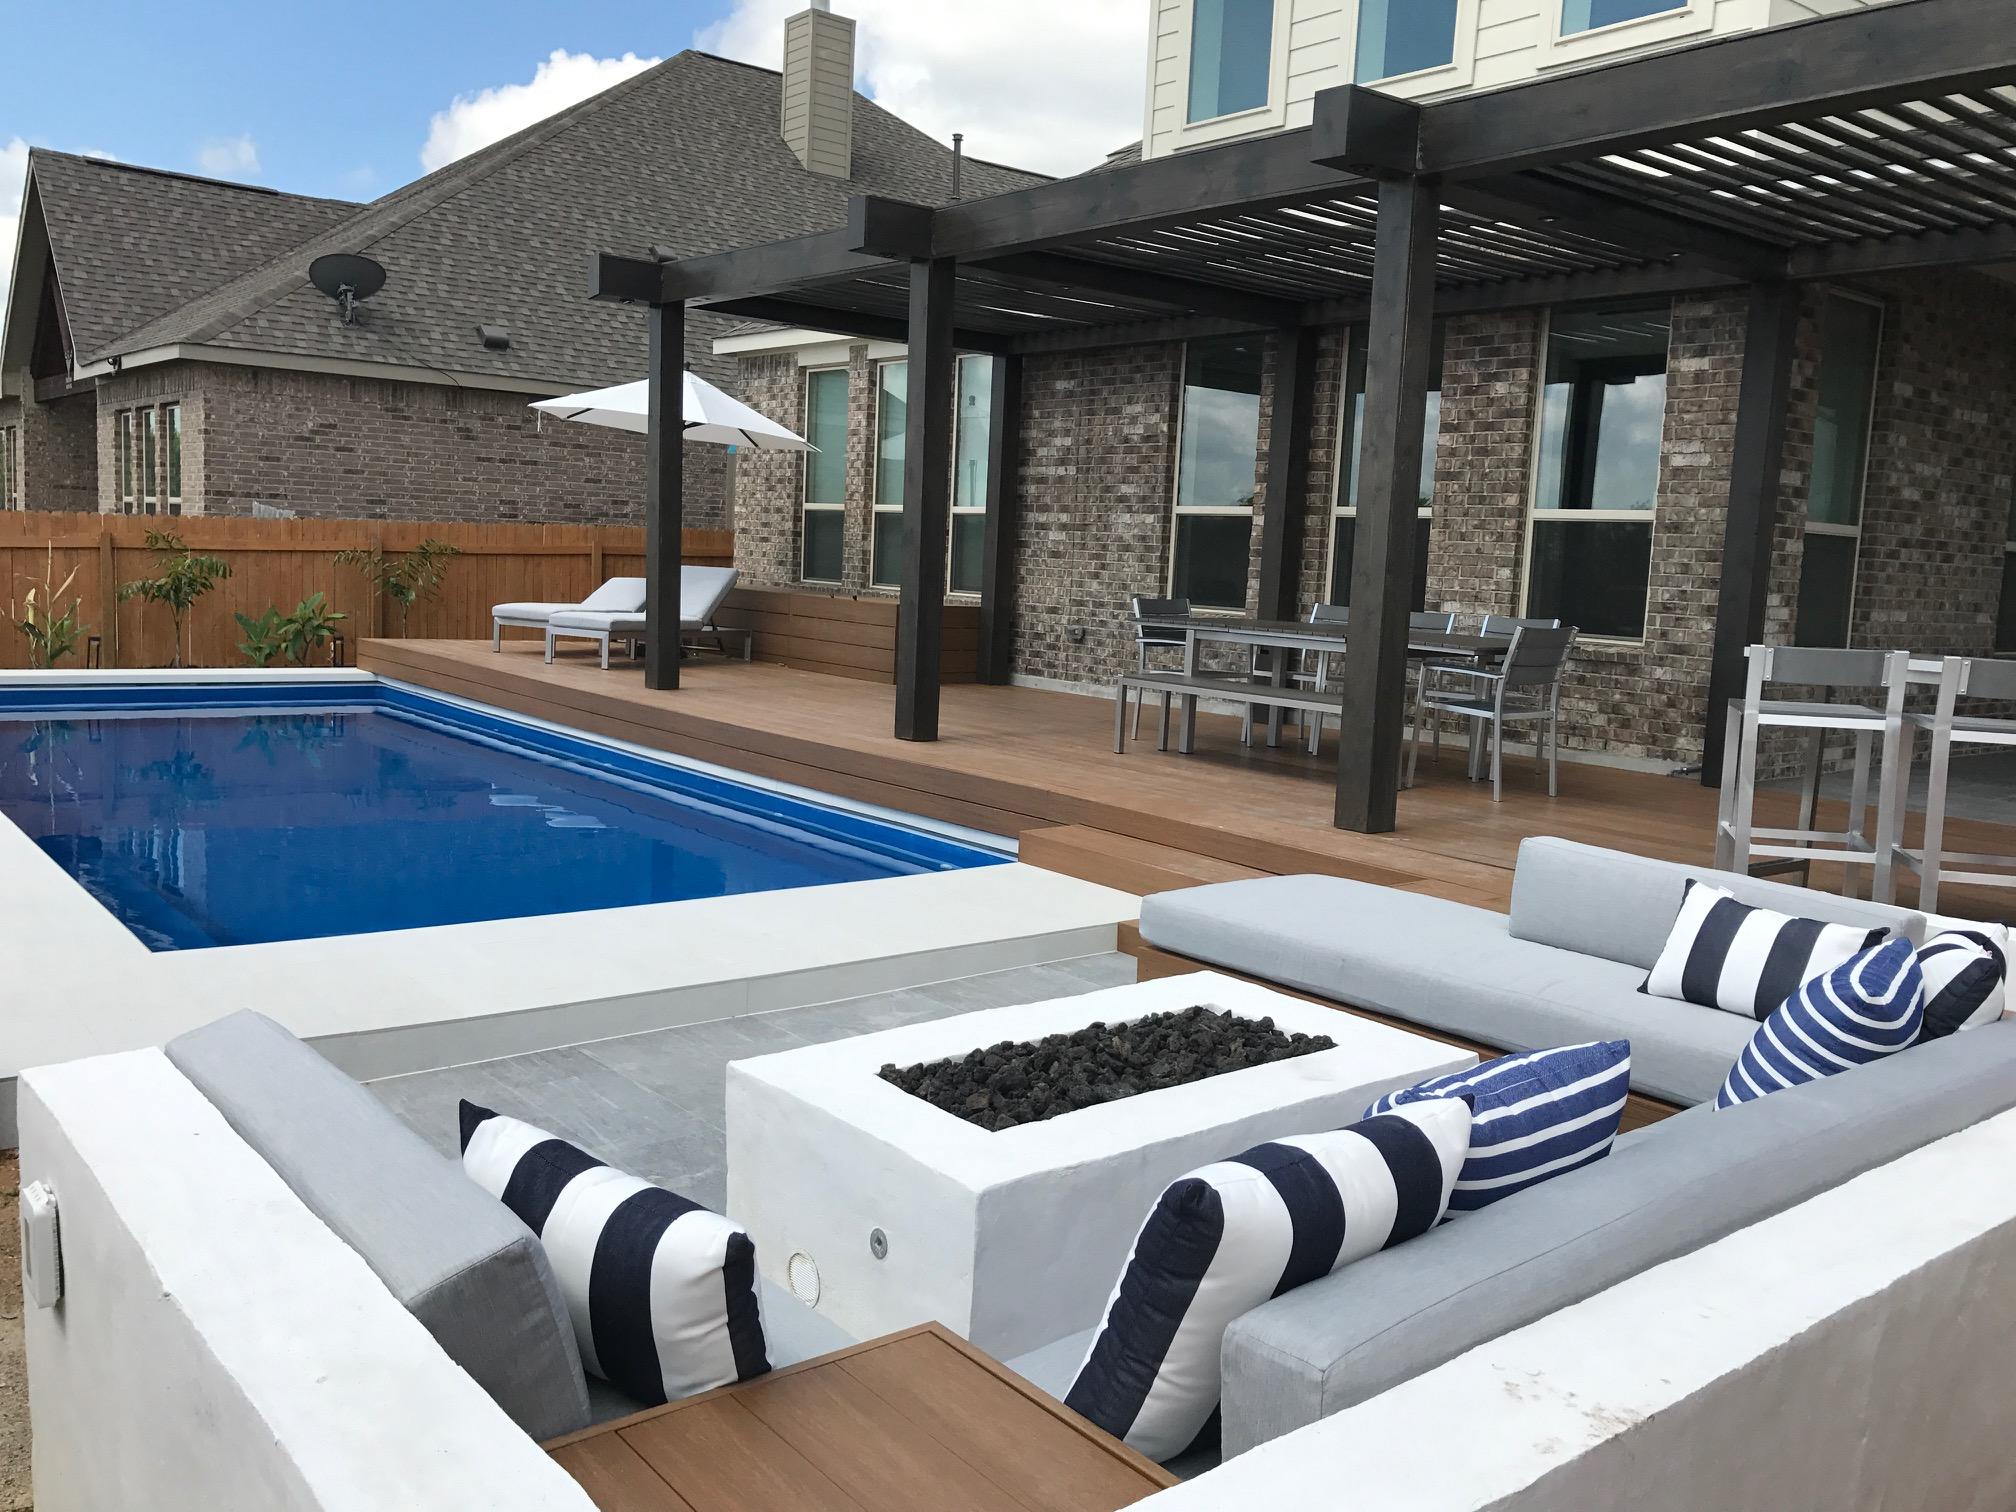 How Much Do Fiberglass Pools Cost? - Aquamarine Pools fiberglass ...